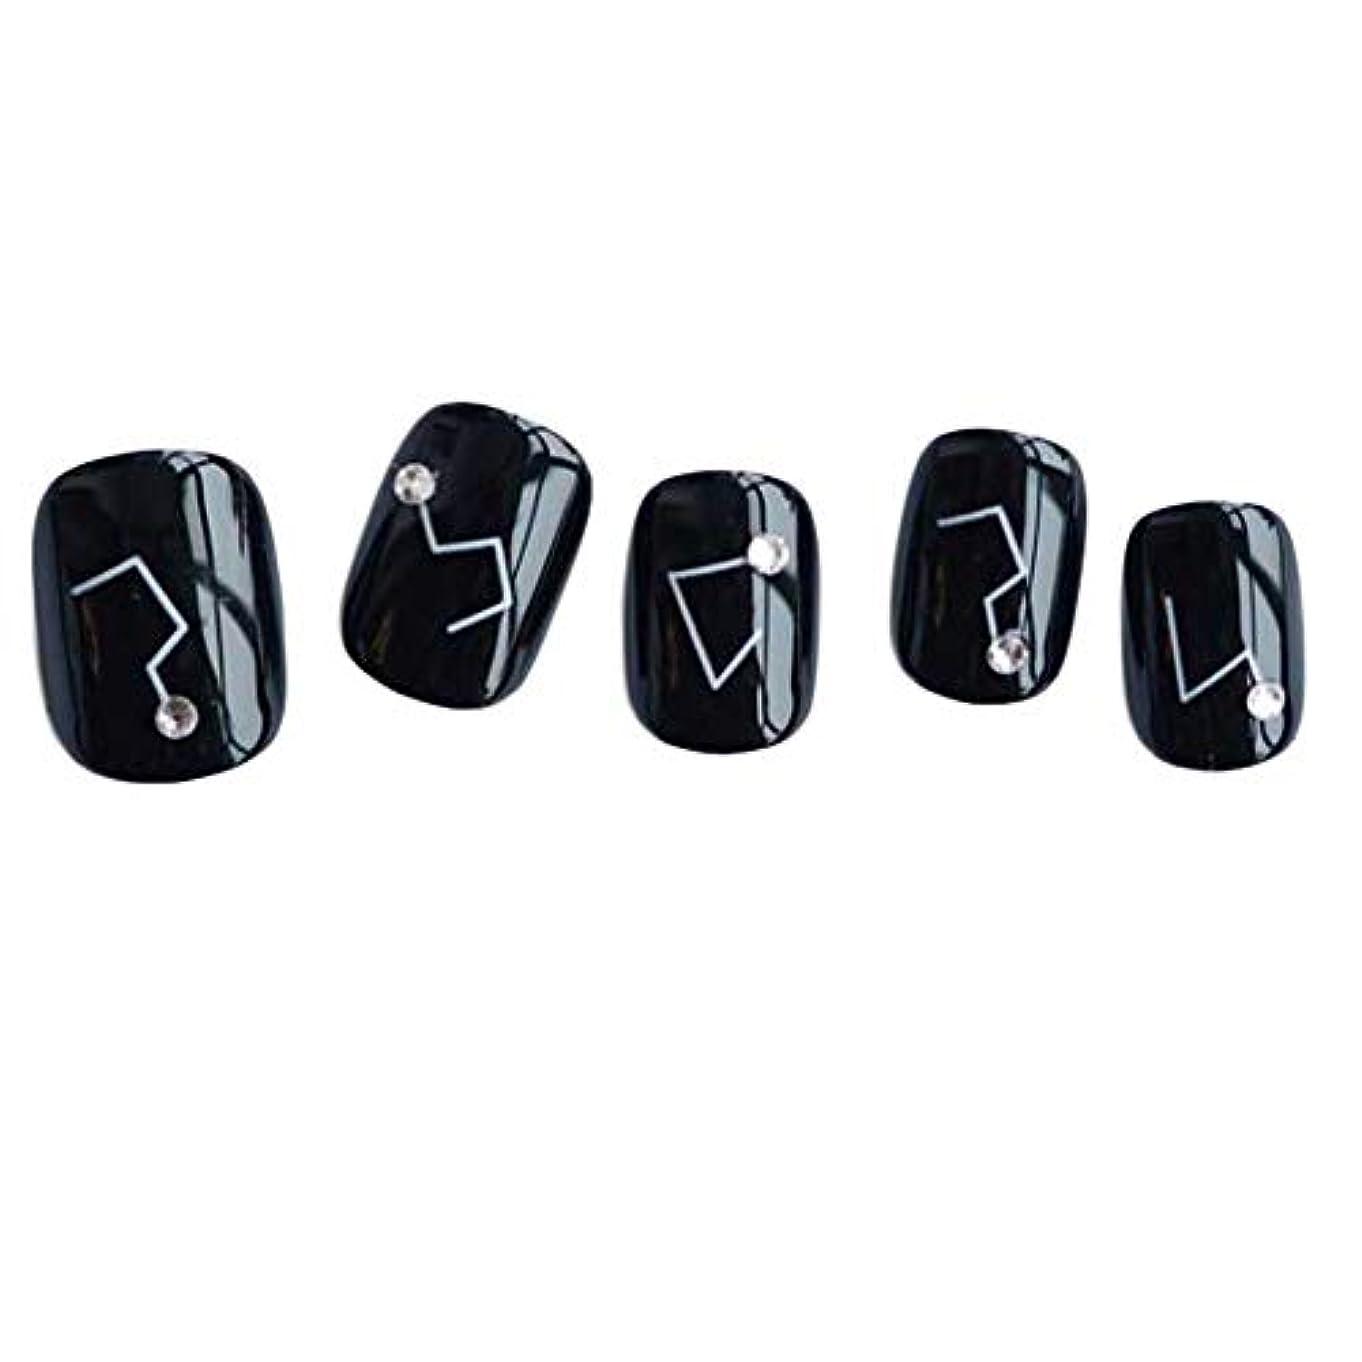 各値下げ並外れて星座 - 黒い短い偽の指爪人工爪の装飾の爪のヒント